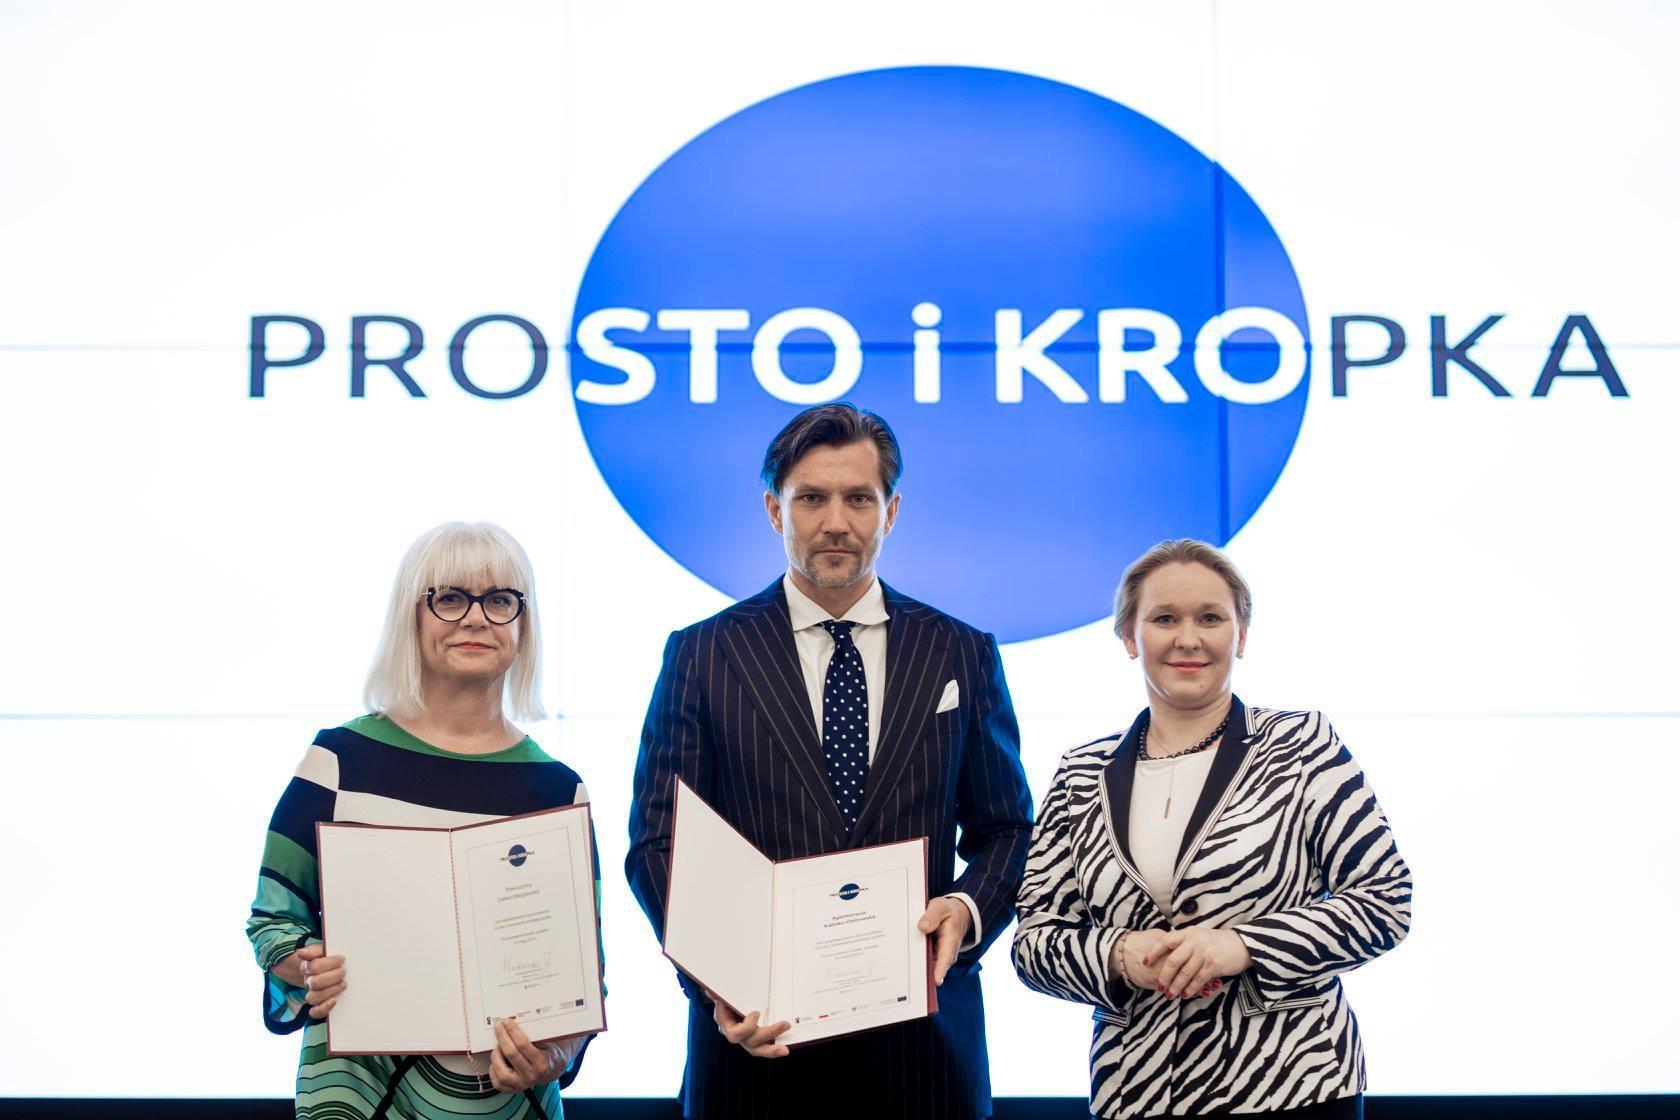 """4 - W Aglomeracji Kalisko – Ostrowskiej będzie """"Prosto i kropka"""". Prezes AKO podpisał deklarację w tej sprawie"""